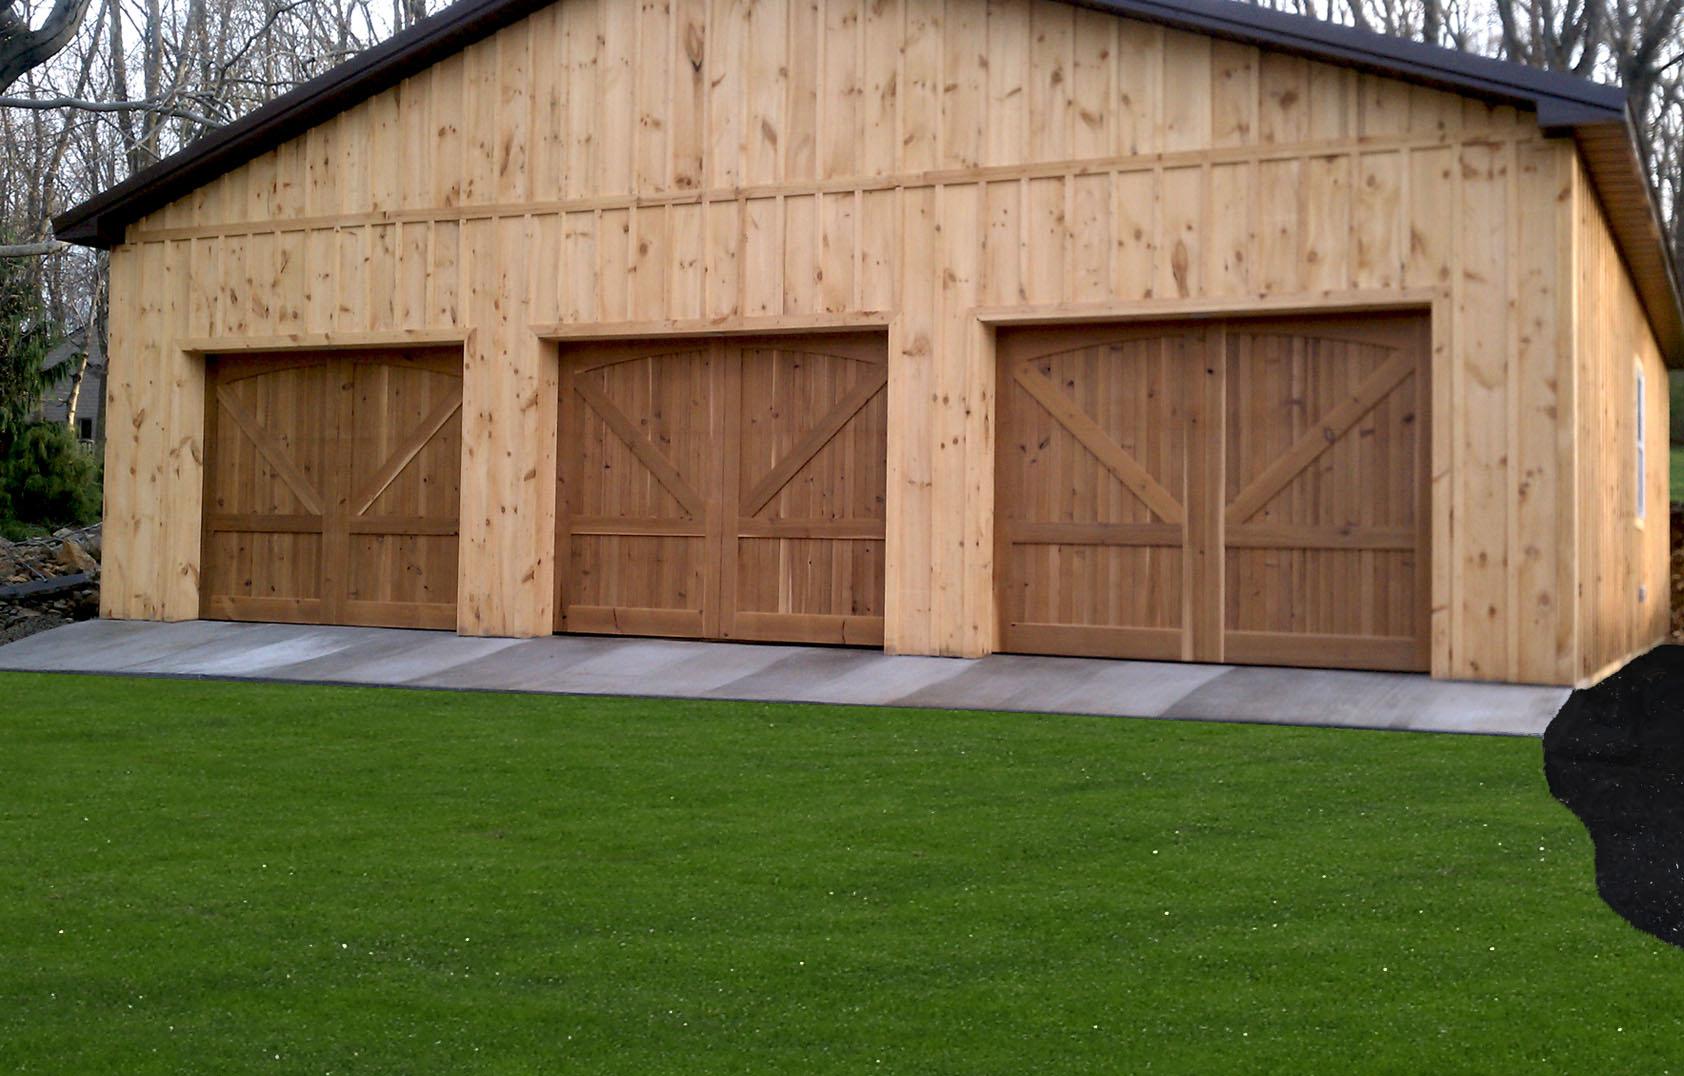 1076 #405D18 Wood Overhead Garage Doors Wood Garage Doors Paint Grade Garage  picture/photo Overhead Garage Doors 38291684